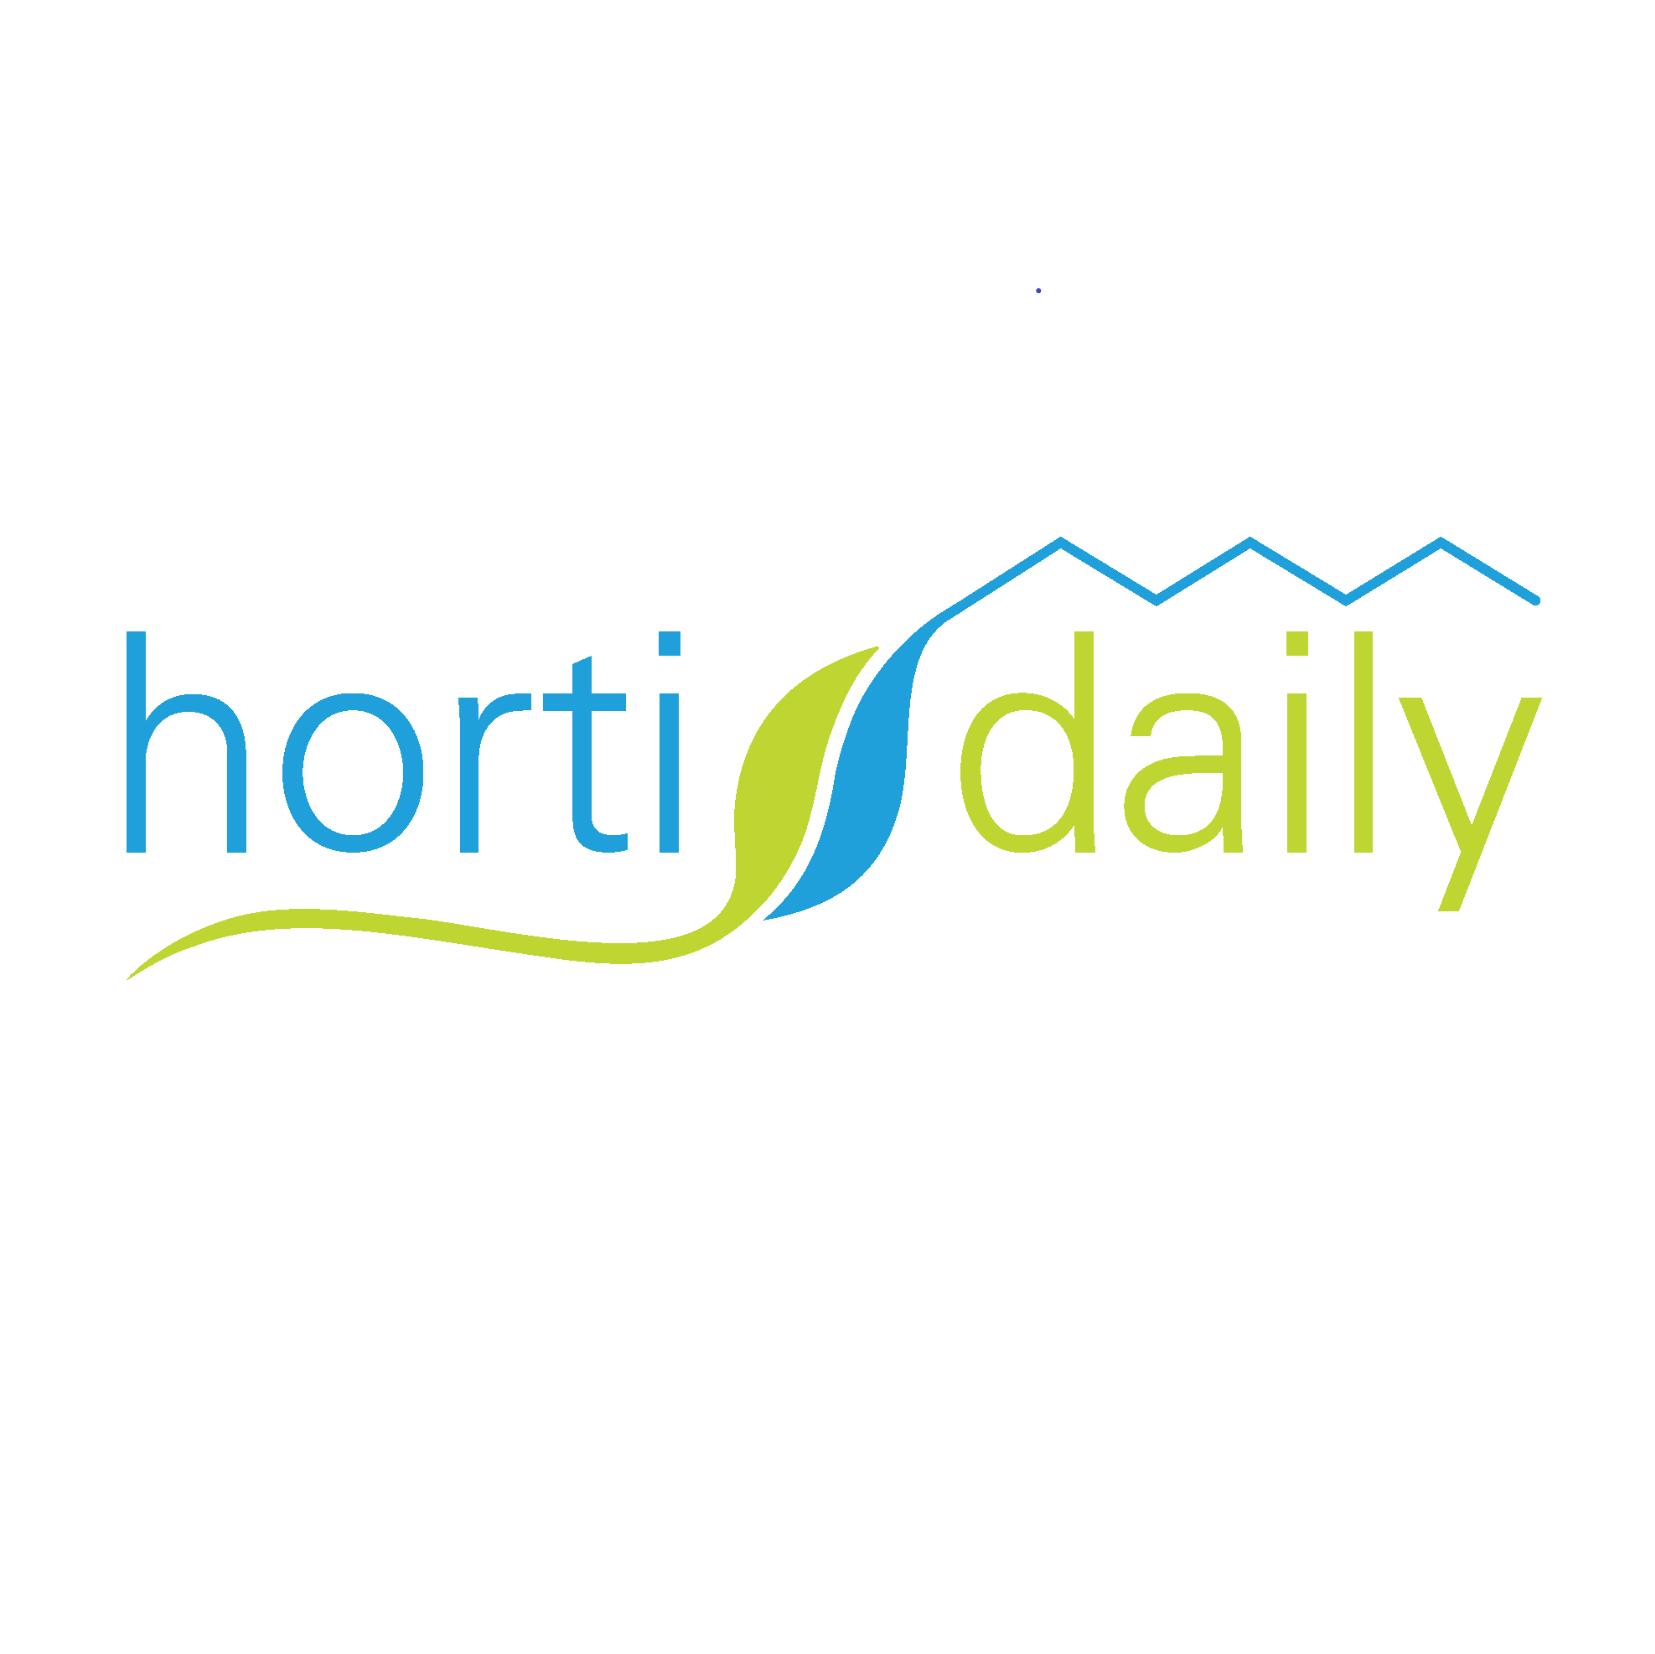 hortidaily_LOGO2-1